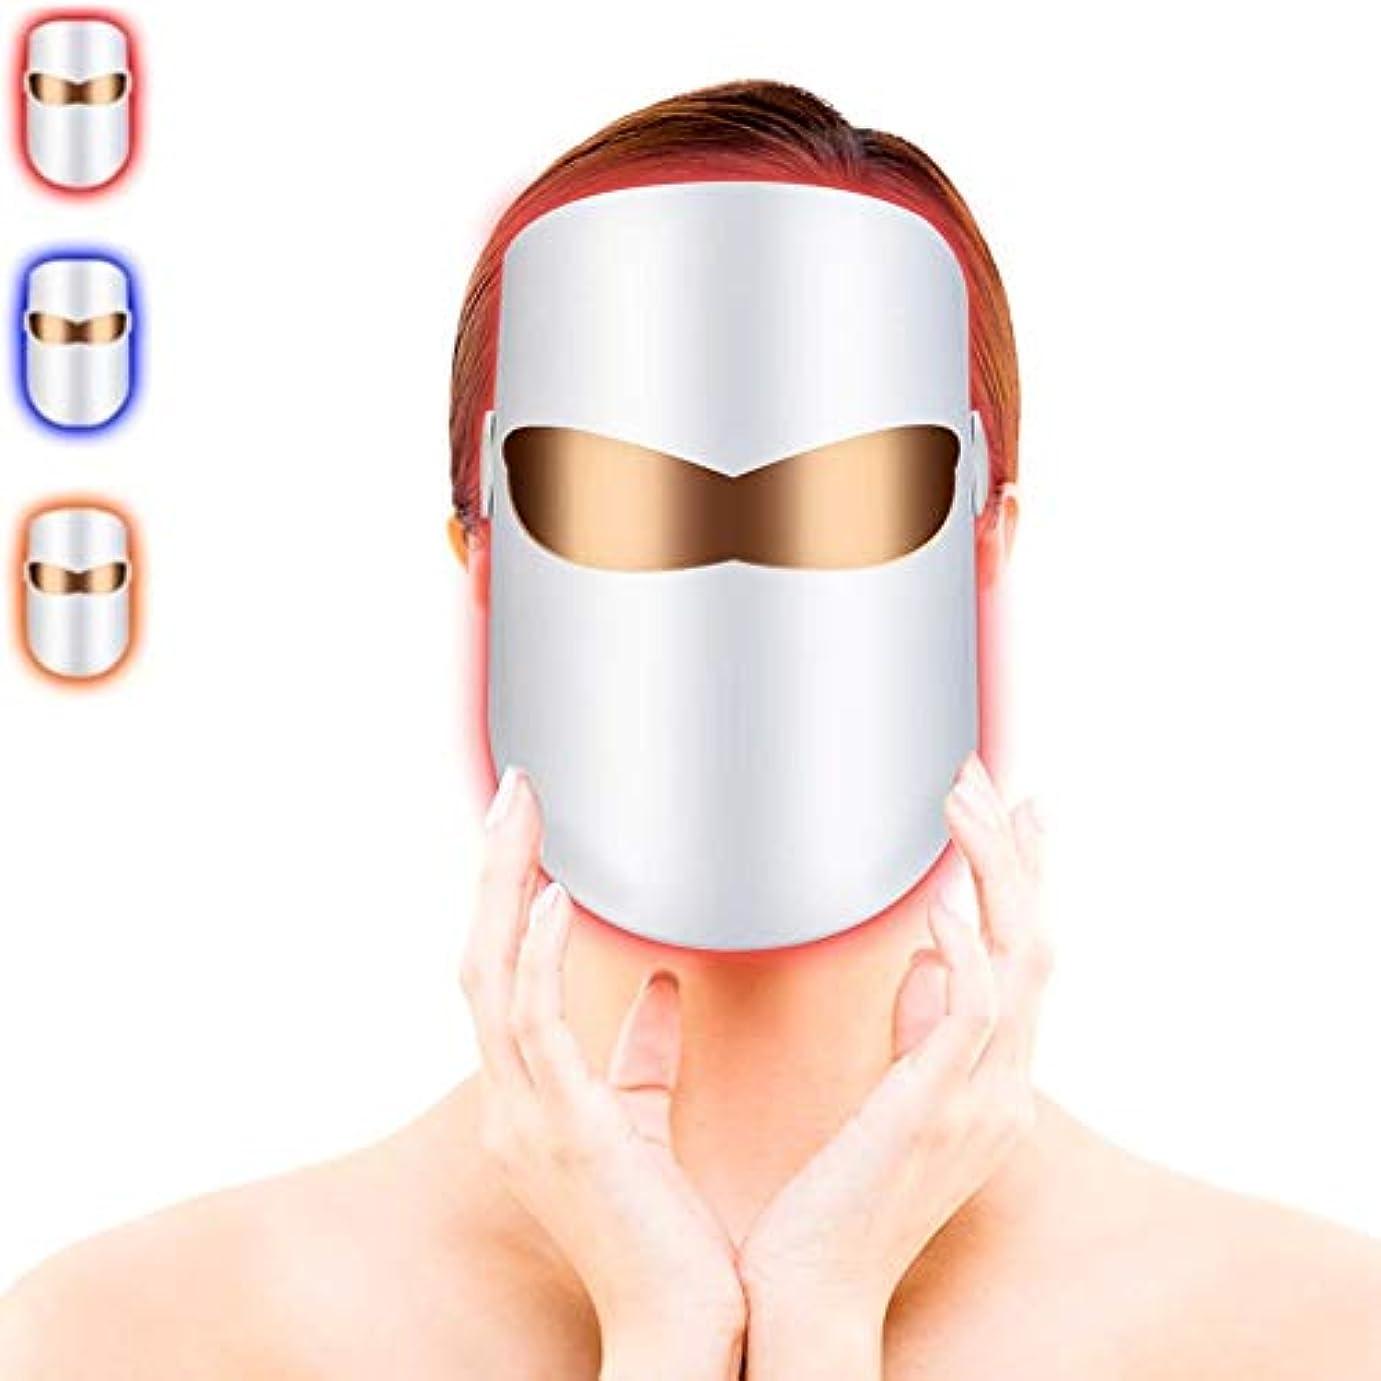 粉砕する放射性土LEDフェイシャルマスク、ライトセラピーフェイスマスクにきび治療、LEDフォトンセラピーフェイシャル美容マスクにきびスポットのしわコラーゲンコラーゲンスキンケアの若返りのための無制限の治療